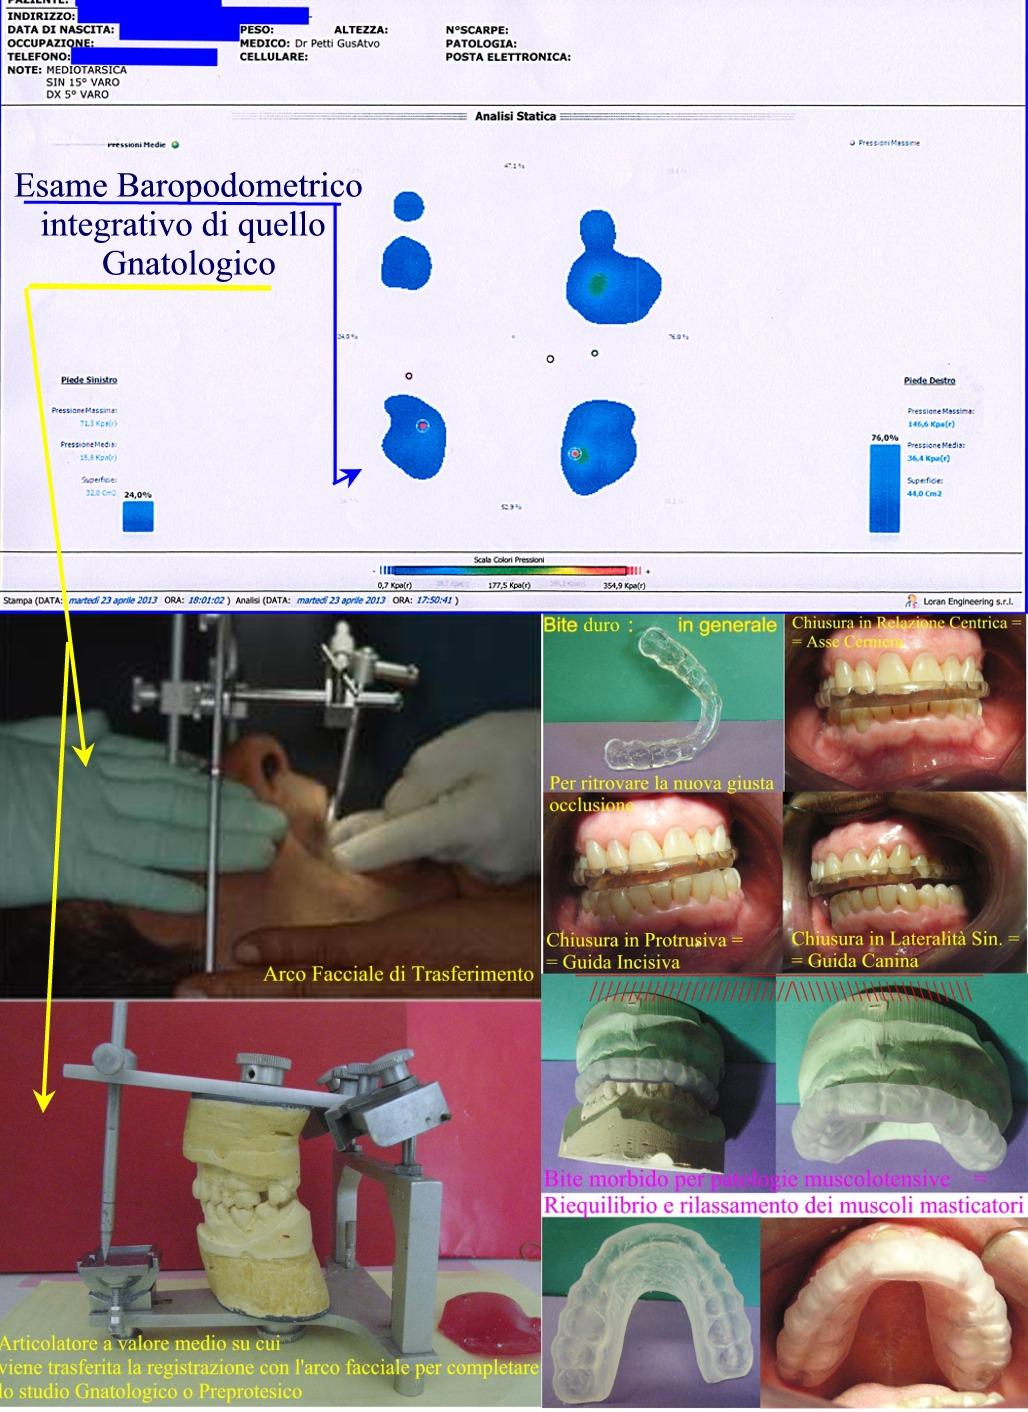 Arco facciale di trasferimento ed esame statico podometrico e vari tipi di bite parte di una visita Gnatologica che è molto più complessa e completa di quanto vede solo per esempio. Da Dr. Gustavo Petti Parodontologo Gnatologo di Cagliari